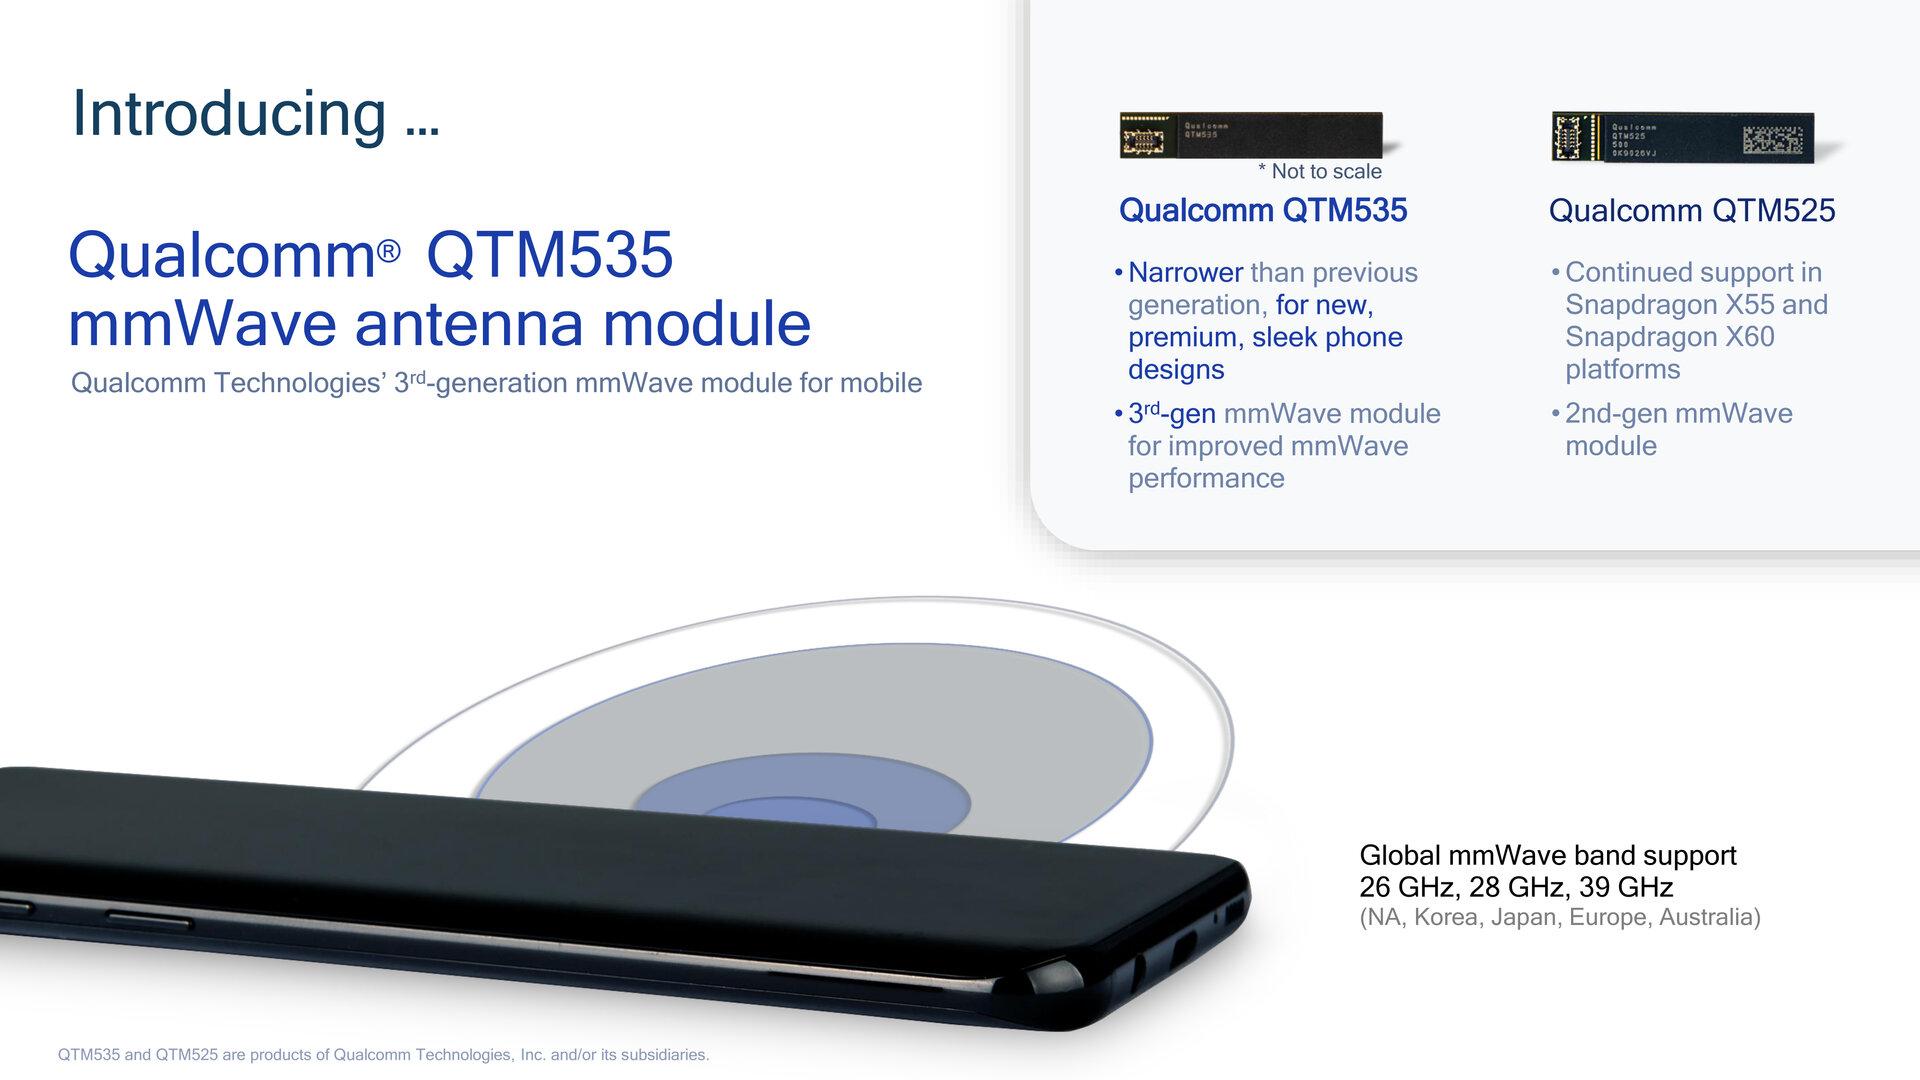 Das QTM535 baut kompakter als das QTM525